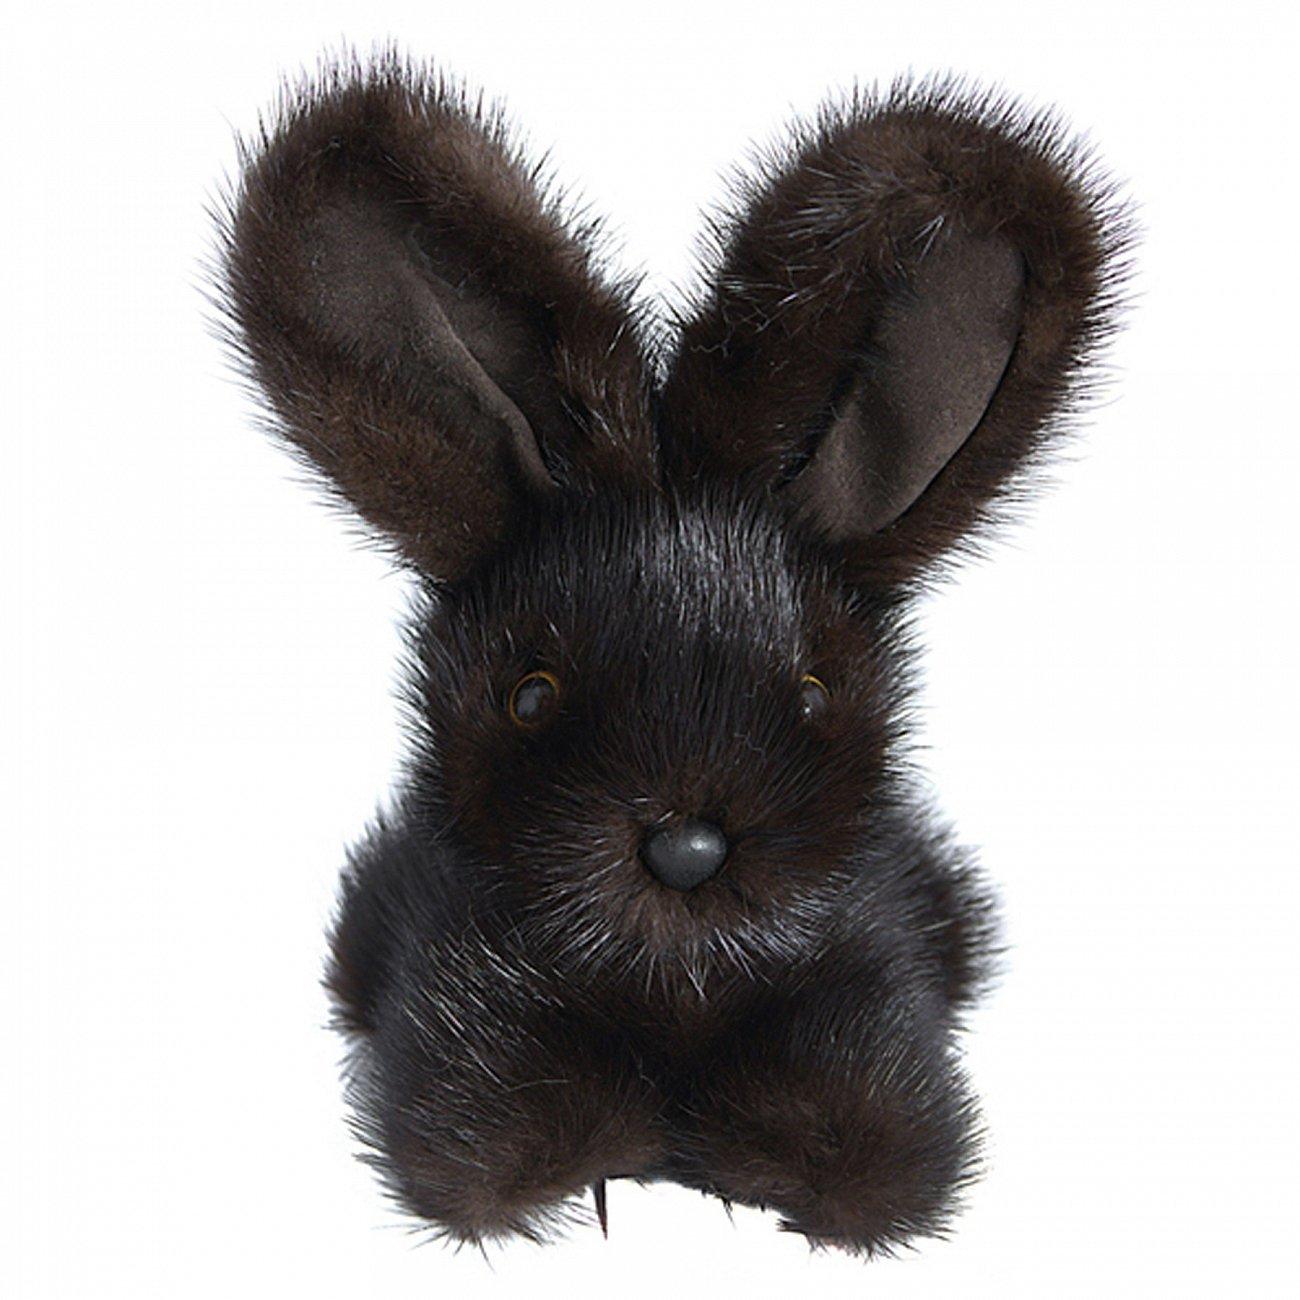 Купить Игрушка Зайчик (темно-коричневый) натуральный мех норки в интернет магазине дизайнерской мебели и аксессуаров для дома и дачи